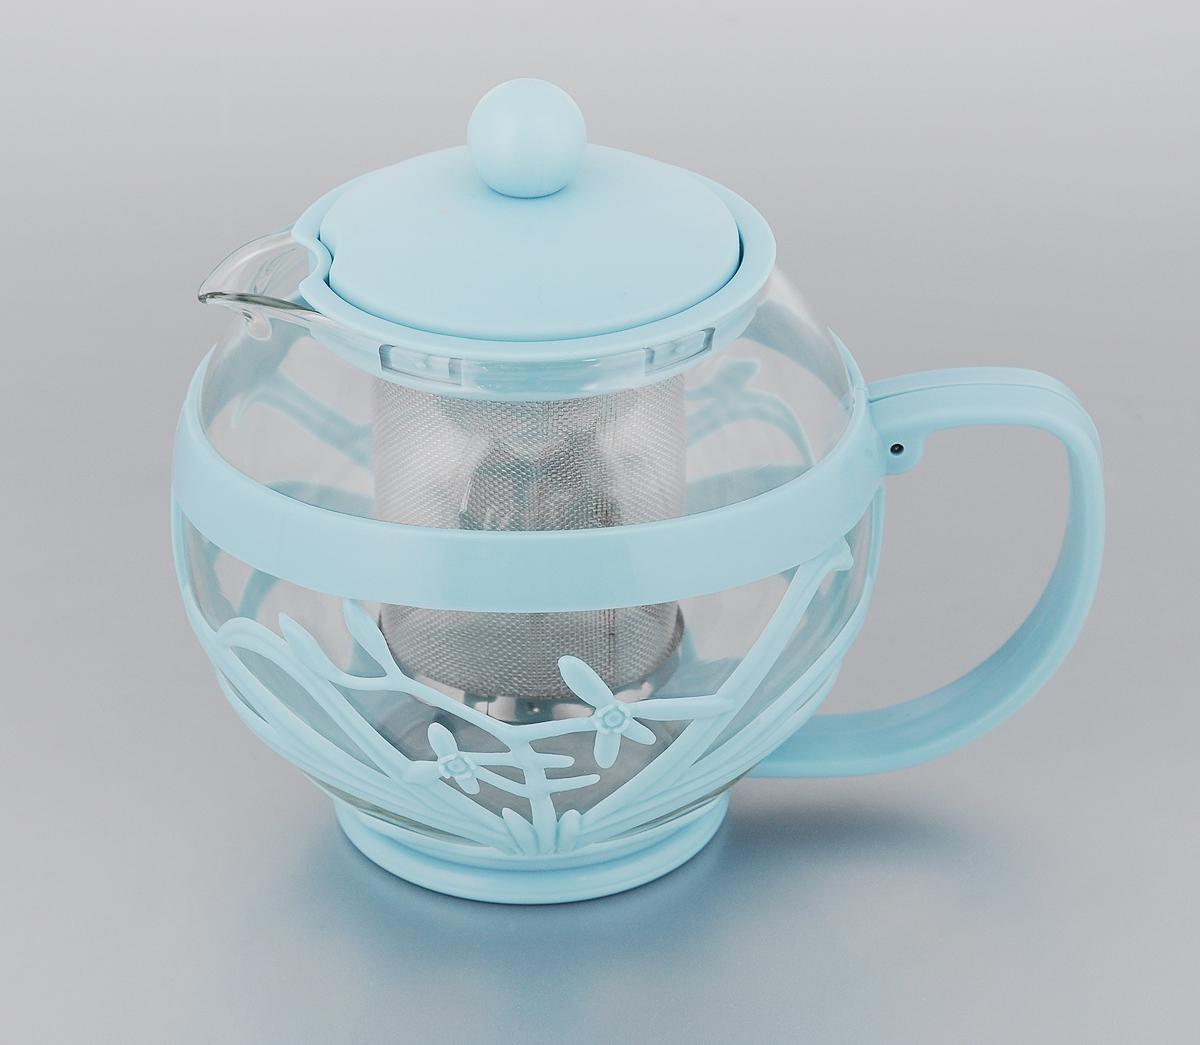 Чайник заварочный Menu Мелисса, с фильтром, цвет: прозрачный, голубой, 750 млMLS-75_голубойЧайник Menu Мелисса изготовлен из прочного стекла и пластика. Он прекрасно подойдет для заваривания чая и травяных напитков. Классический стиль и оптимальный объем делают его удобным и оригинальным аксессуаром. Изделие имеет удлиненный металлический фильтр, который обеспечивает высокое качество фильтрации напитка и позволяет заварить чай даже при небольшом уровне воды. Ручка чайника не нагревается и обеспечивает безопасность использования. Нельзя мыть в посудомоечной машине. Диаметр чайника (по верхнему краю): 8 см.Высота чайника (без учета крышки): 11 см.Размер фильтра: 6 х 6 х 7,2 см.